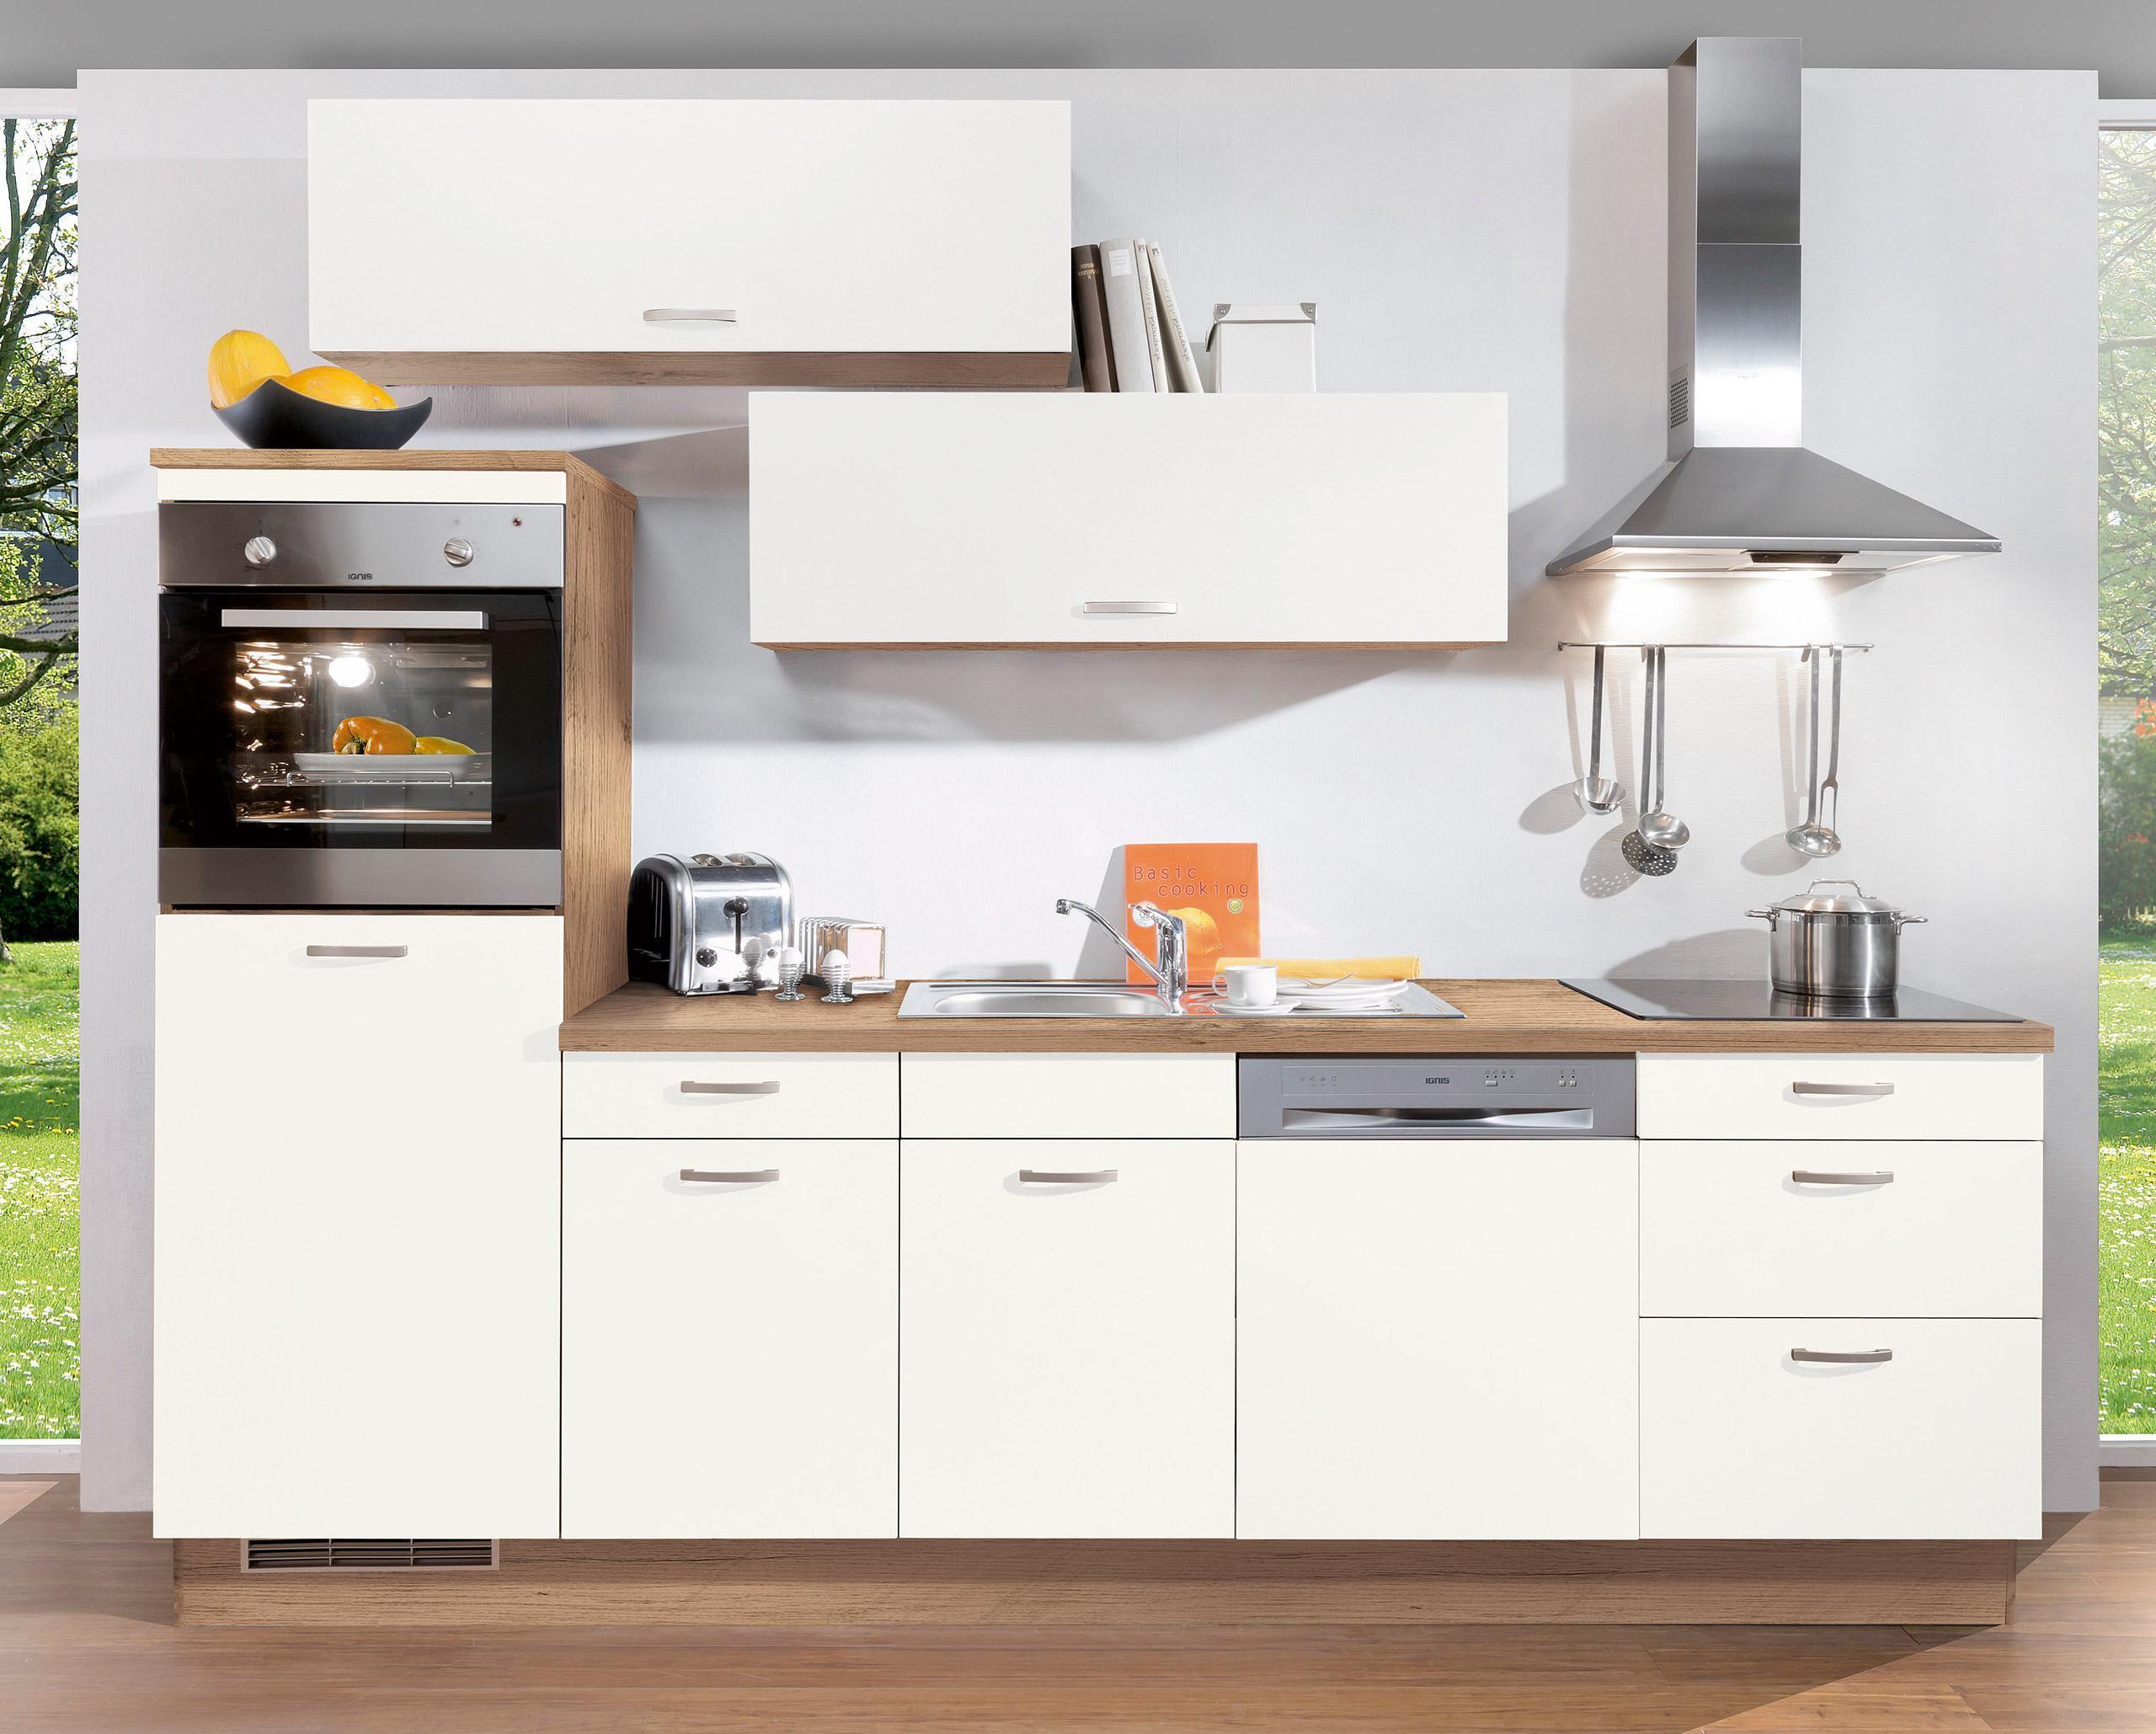 Full Size of Nolte Apothekerschrank Einbaukche Mit Elektrogerten Küche Betten Schlafzimmer Wohnzimmer Nolte Apothekerschrank